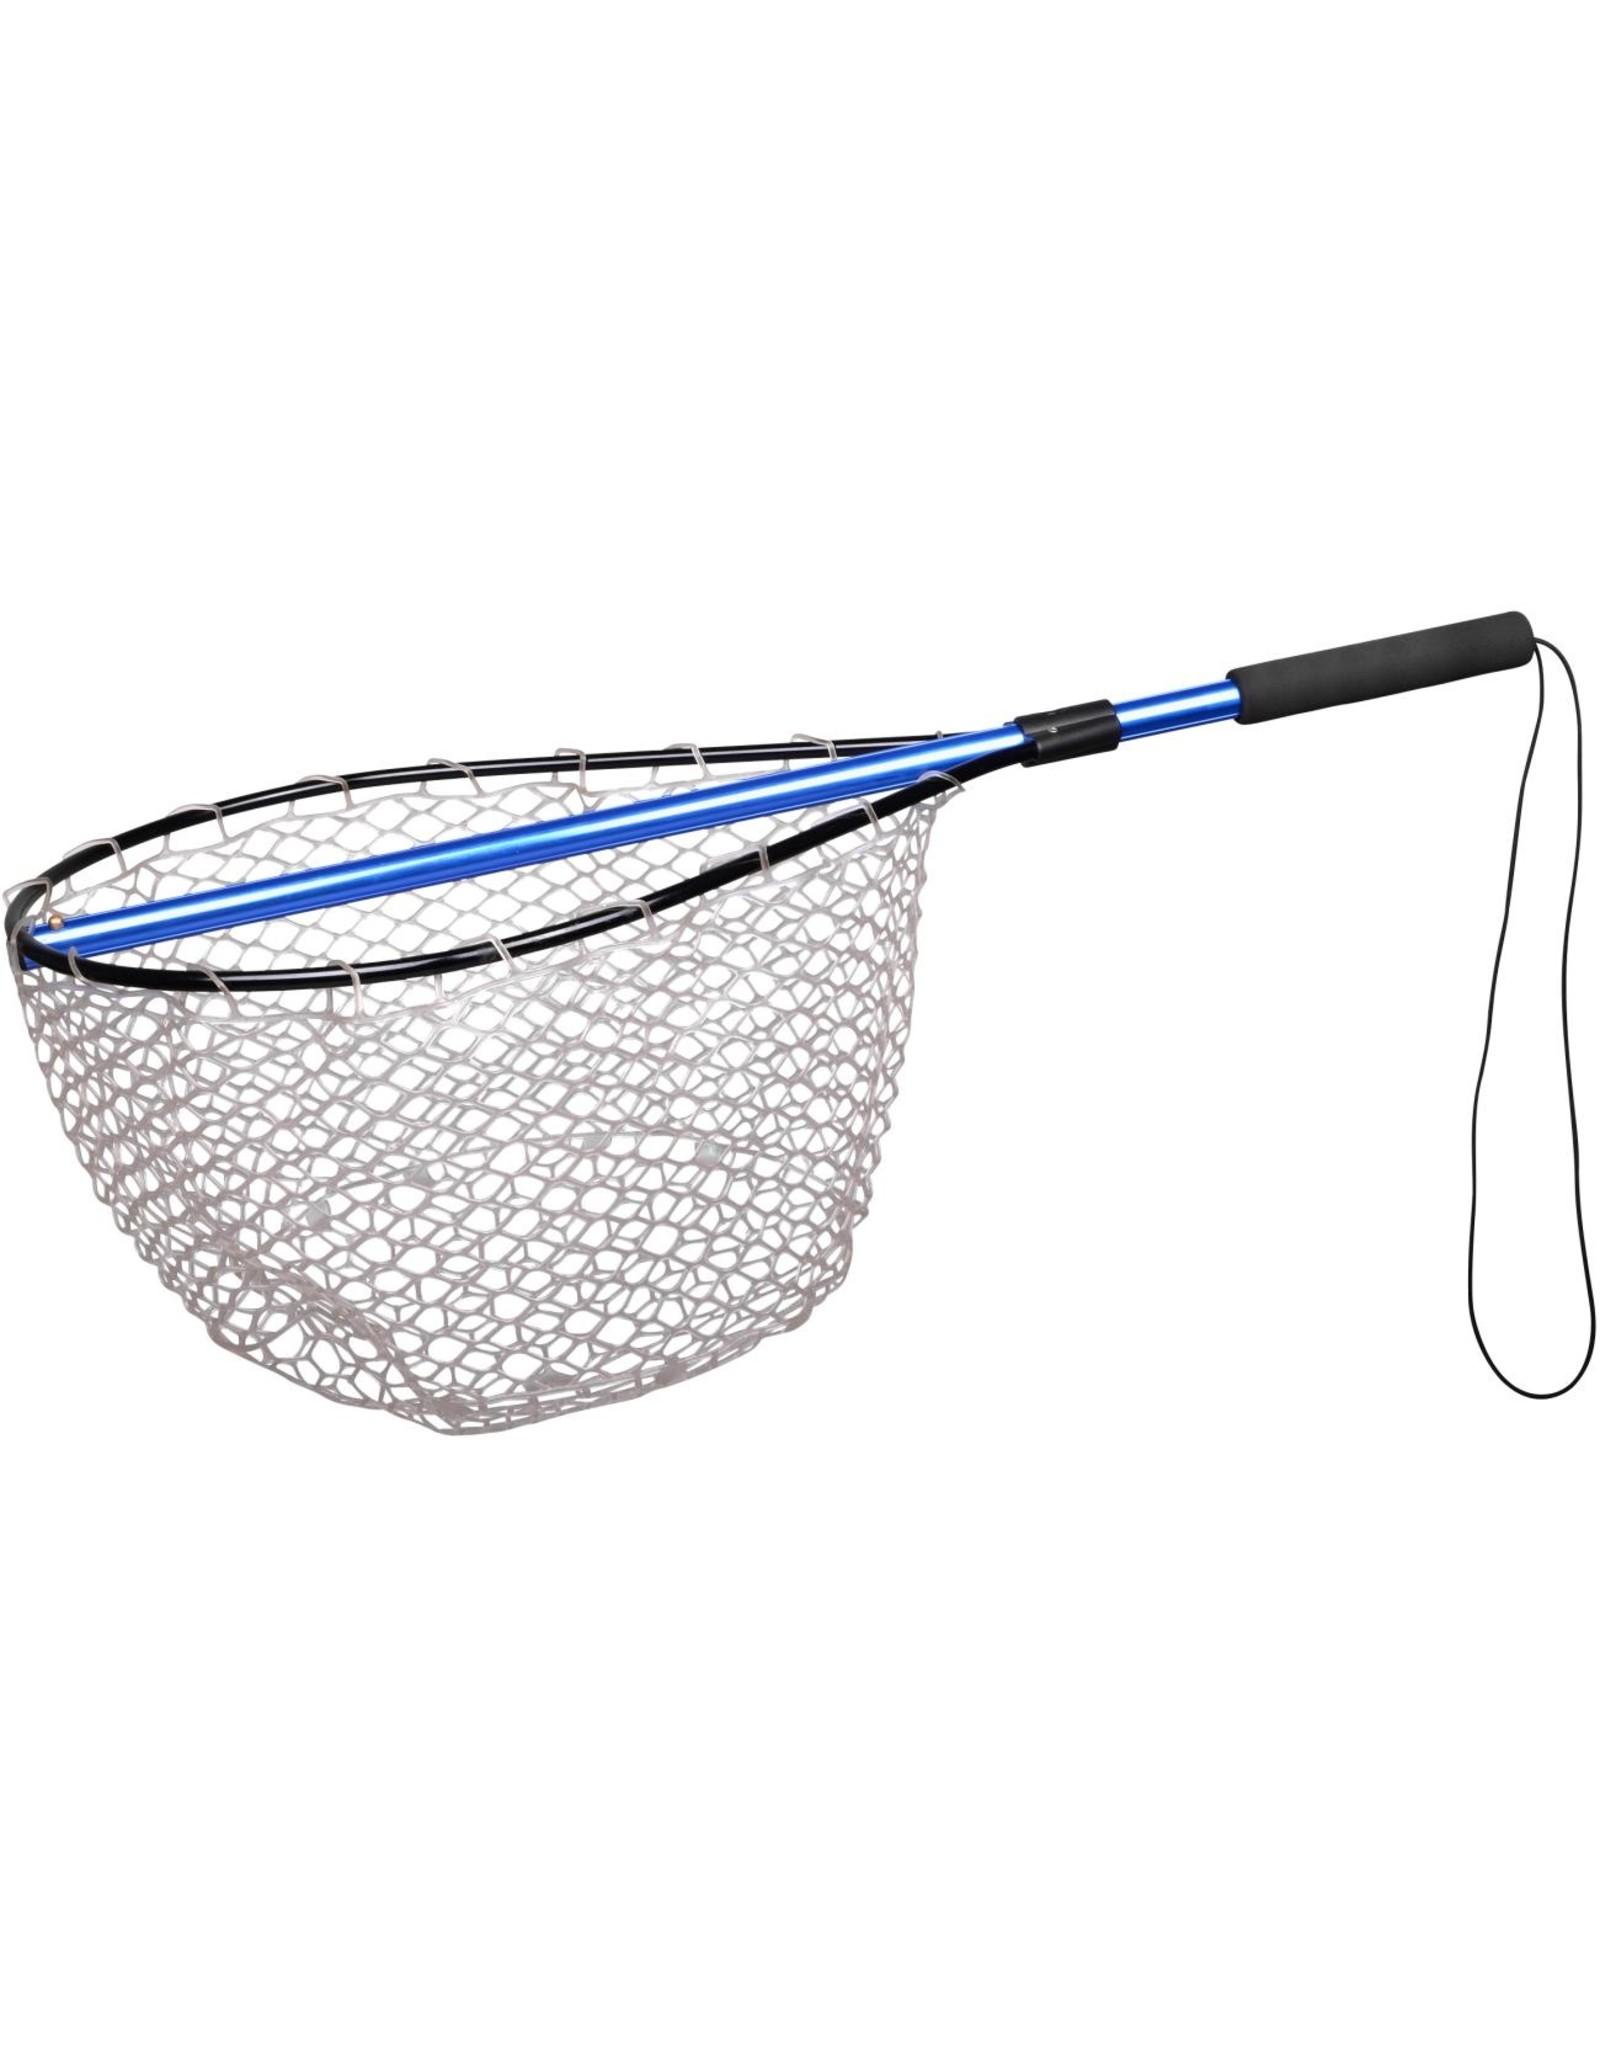 SPRO Spro Landing Net Rubber Mesch